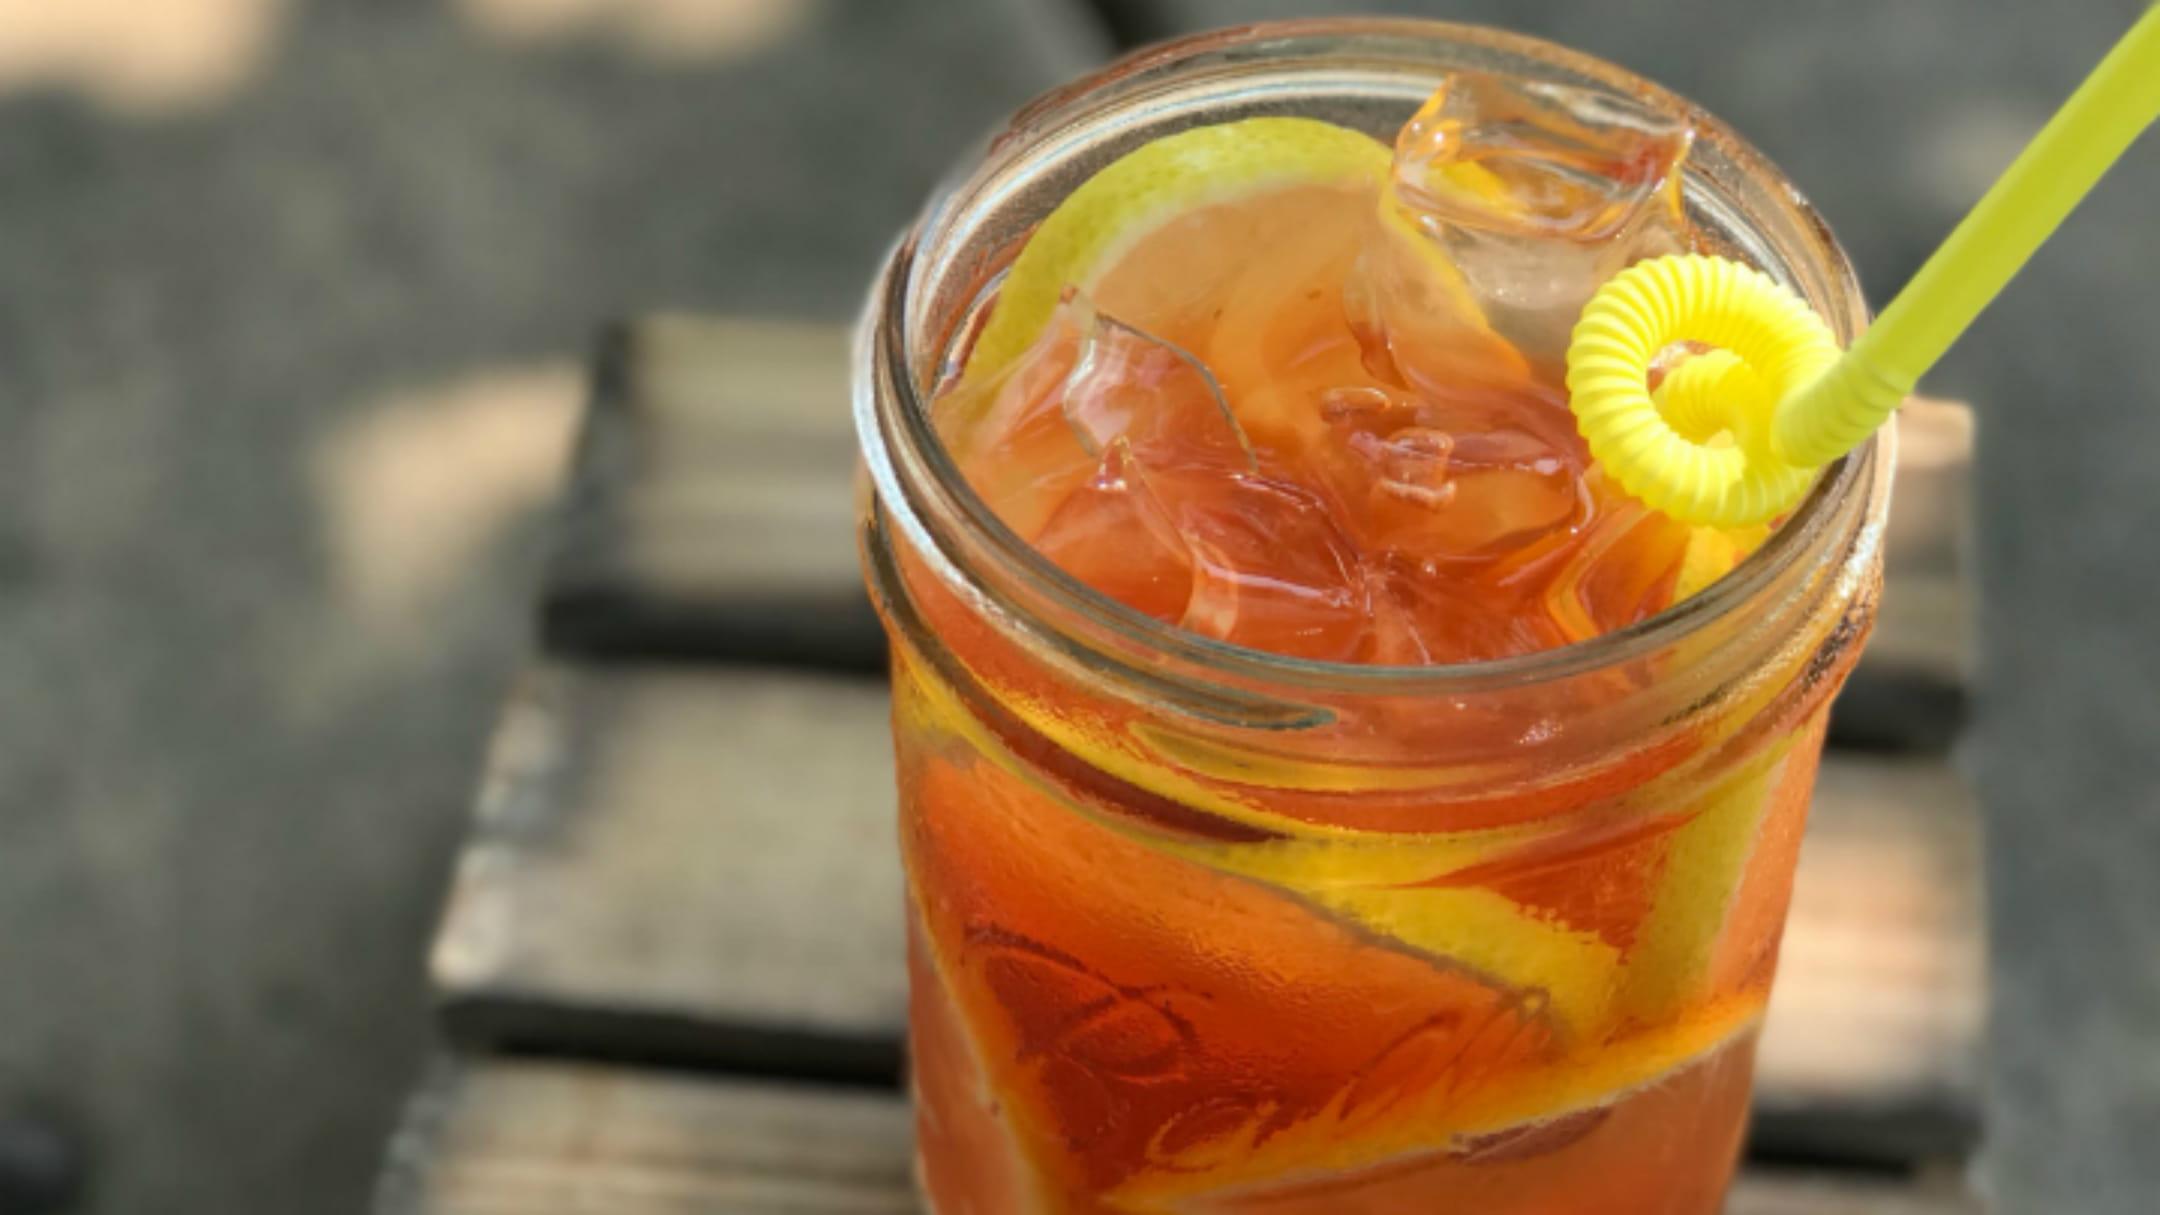 The Classic Lemon Iced Tea